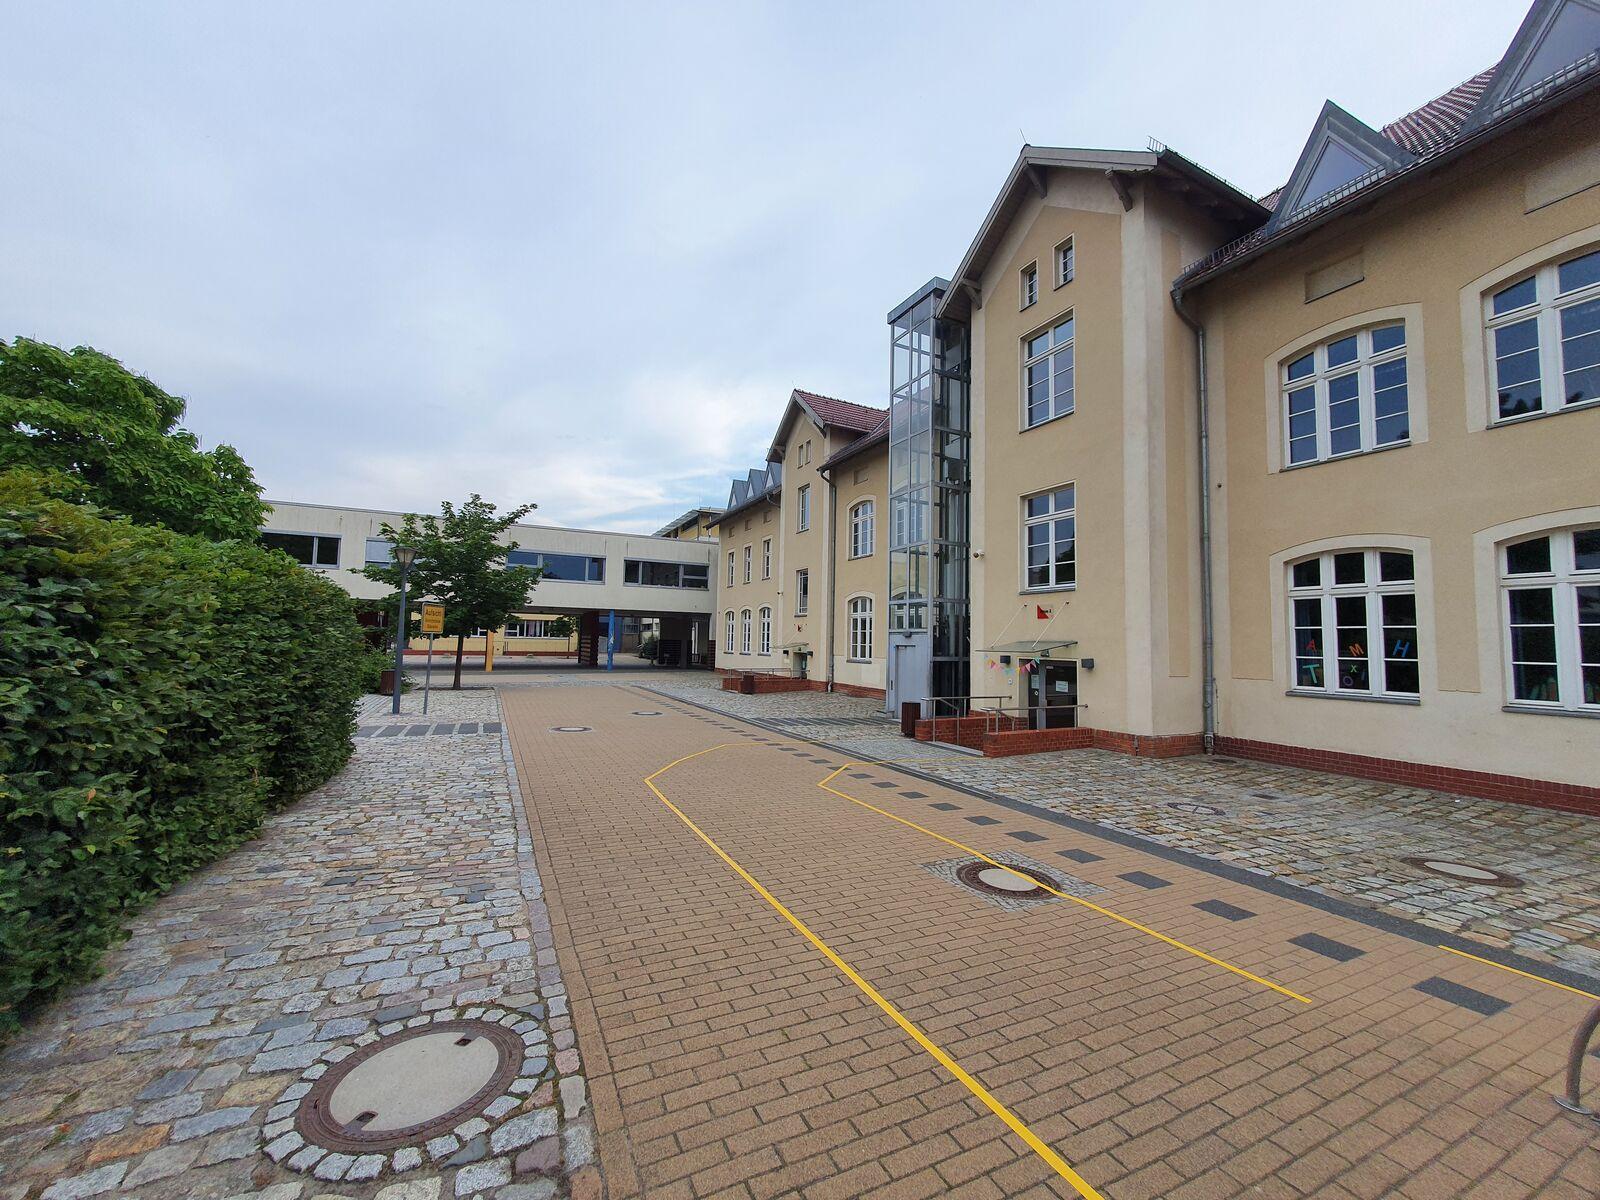 Grundschule Glienicke: Besteht tatsächlich weiterer Bedarf?